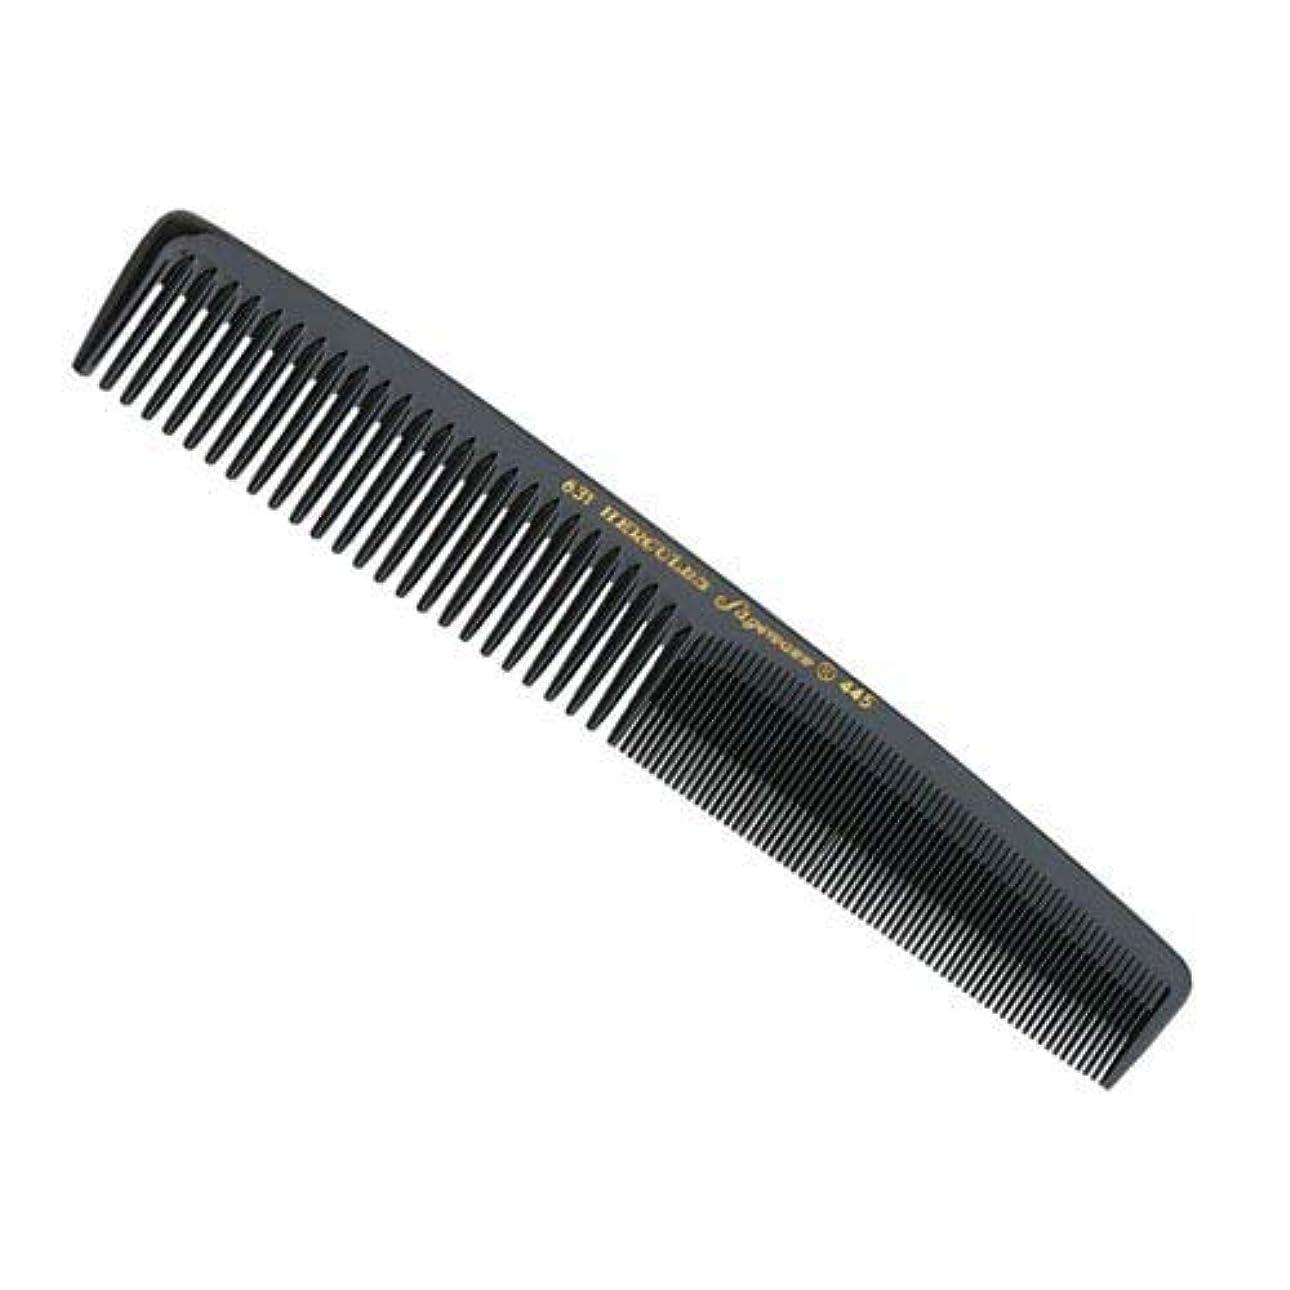 オリエンテーションずるい同封するHercules Sagemann Medium Waver Ladies Hair Comb, Length-17.8 cm [並行輸入品]